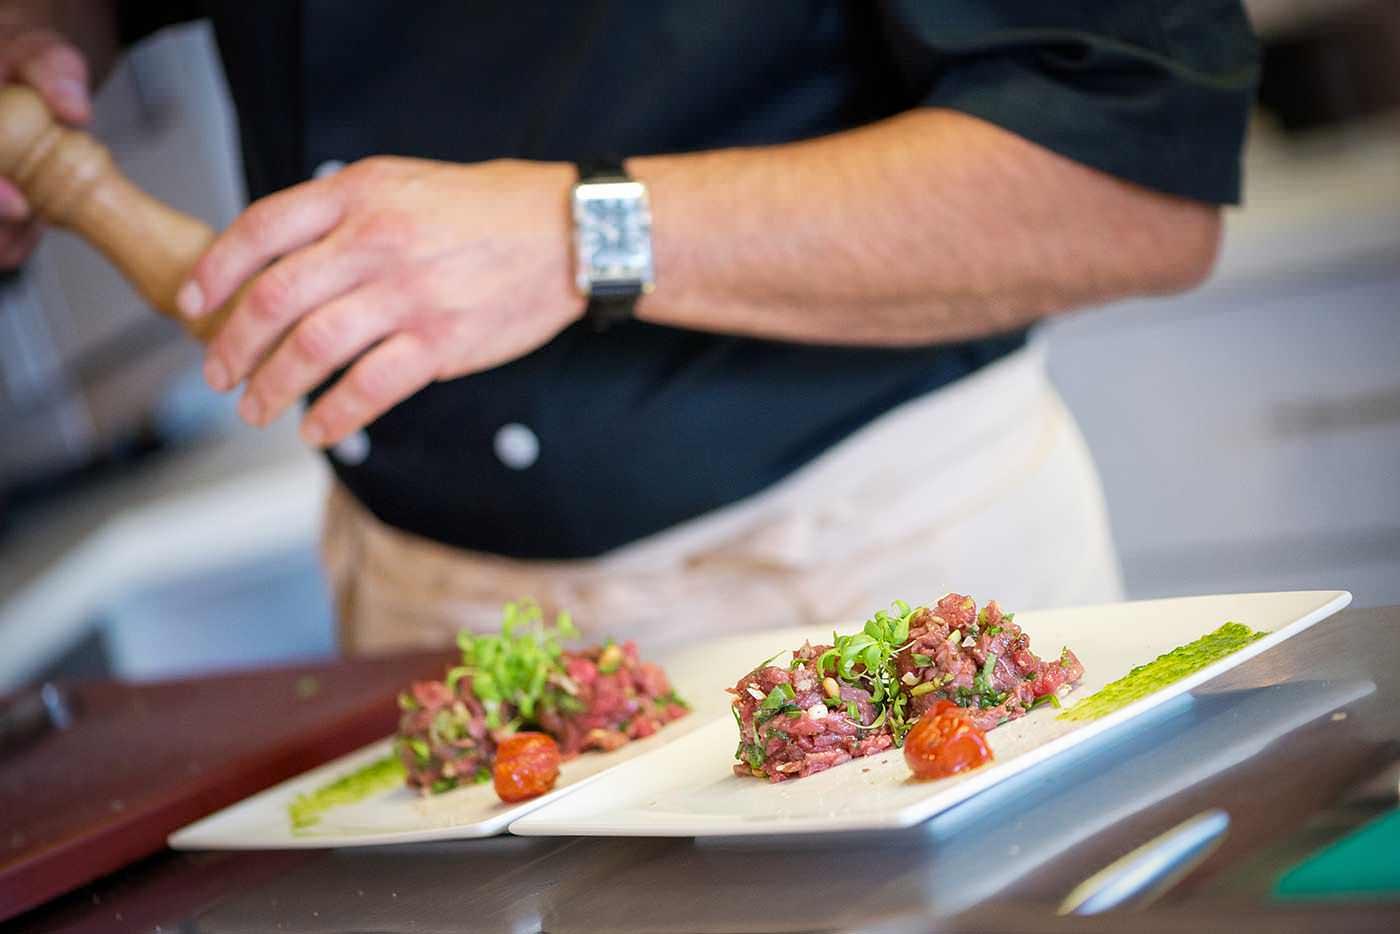 photographe culinaire pour le restaurant inspiration local : préparation tartare